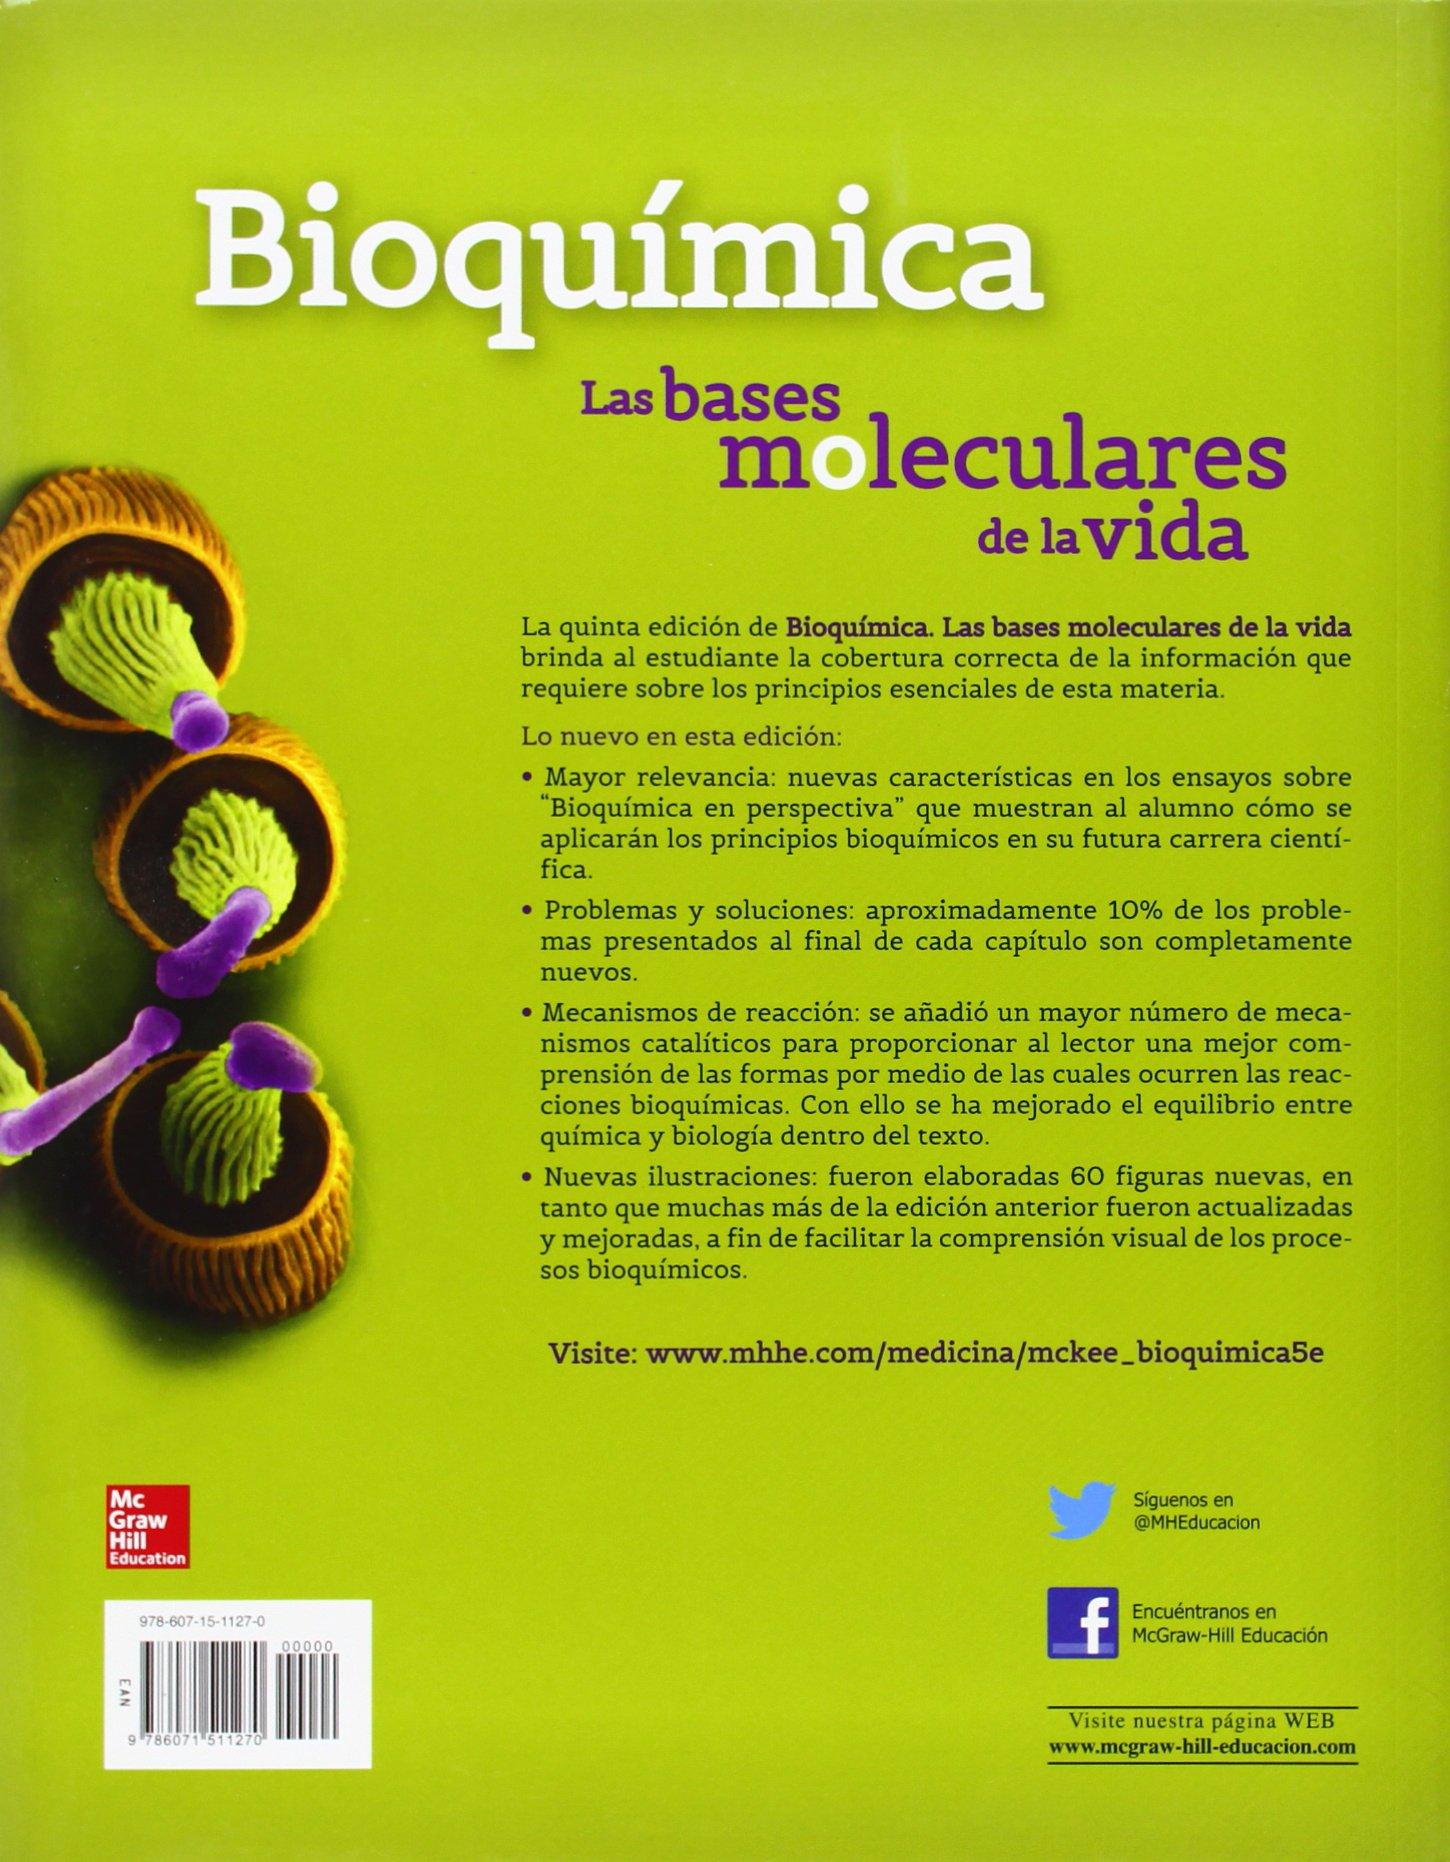 BIOQUIMICA LAS BASES MOLECULARES DE LA VIDA: Amazon.es ...